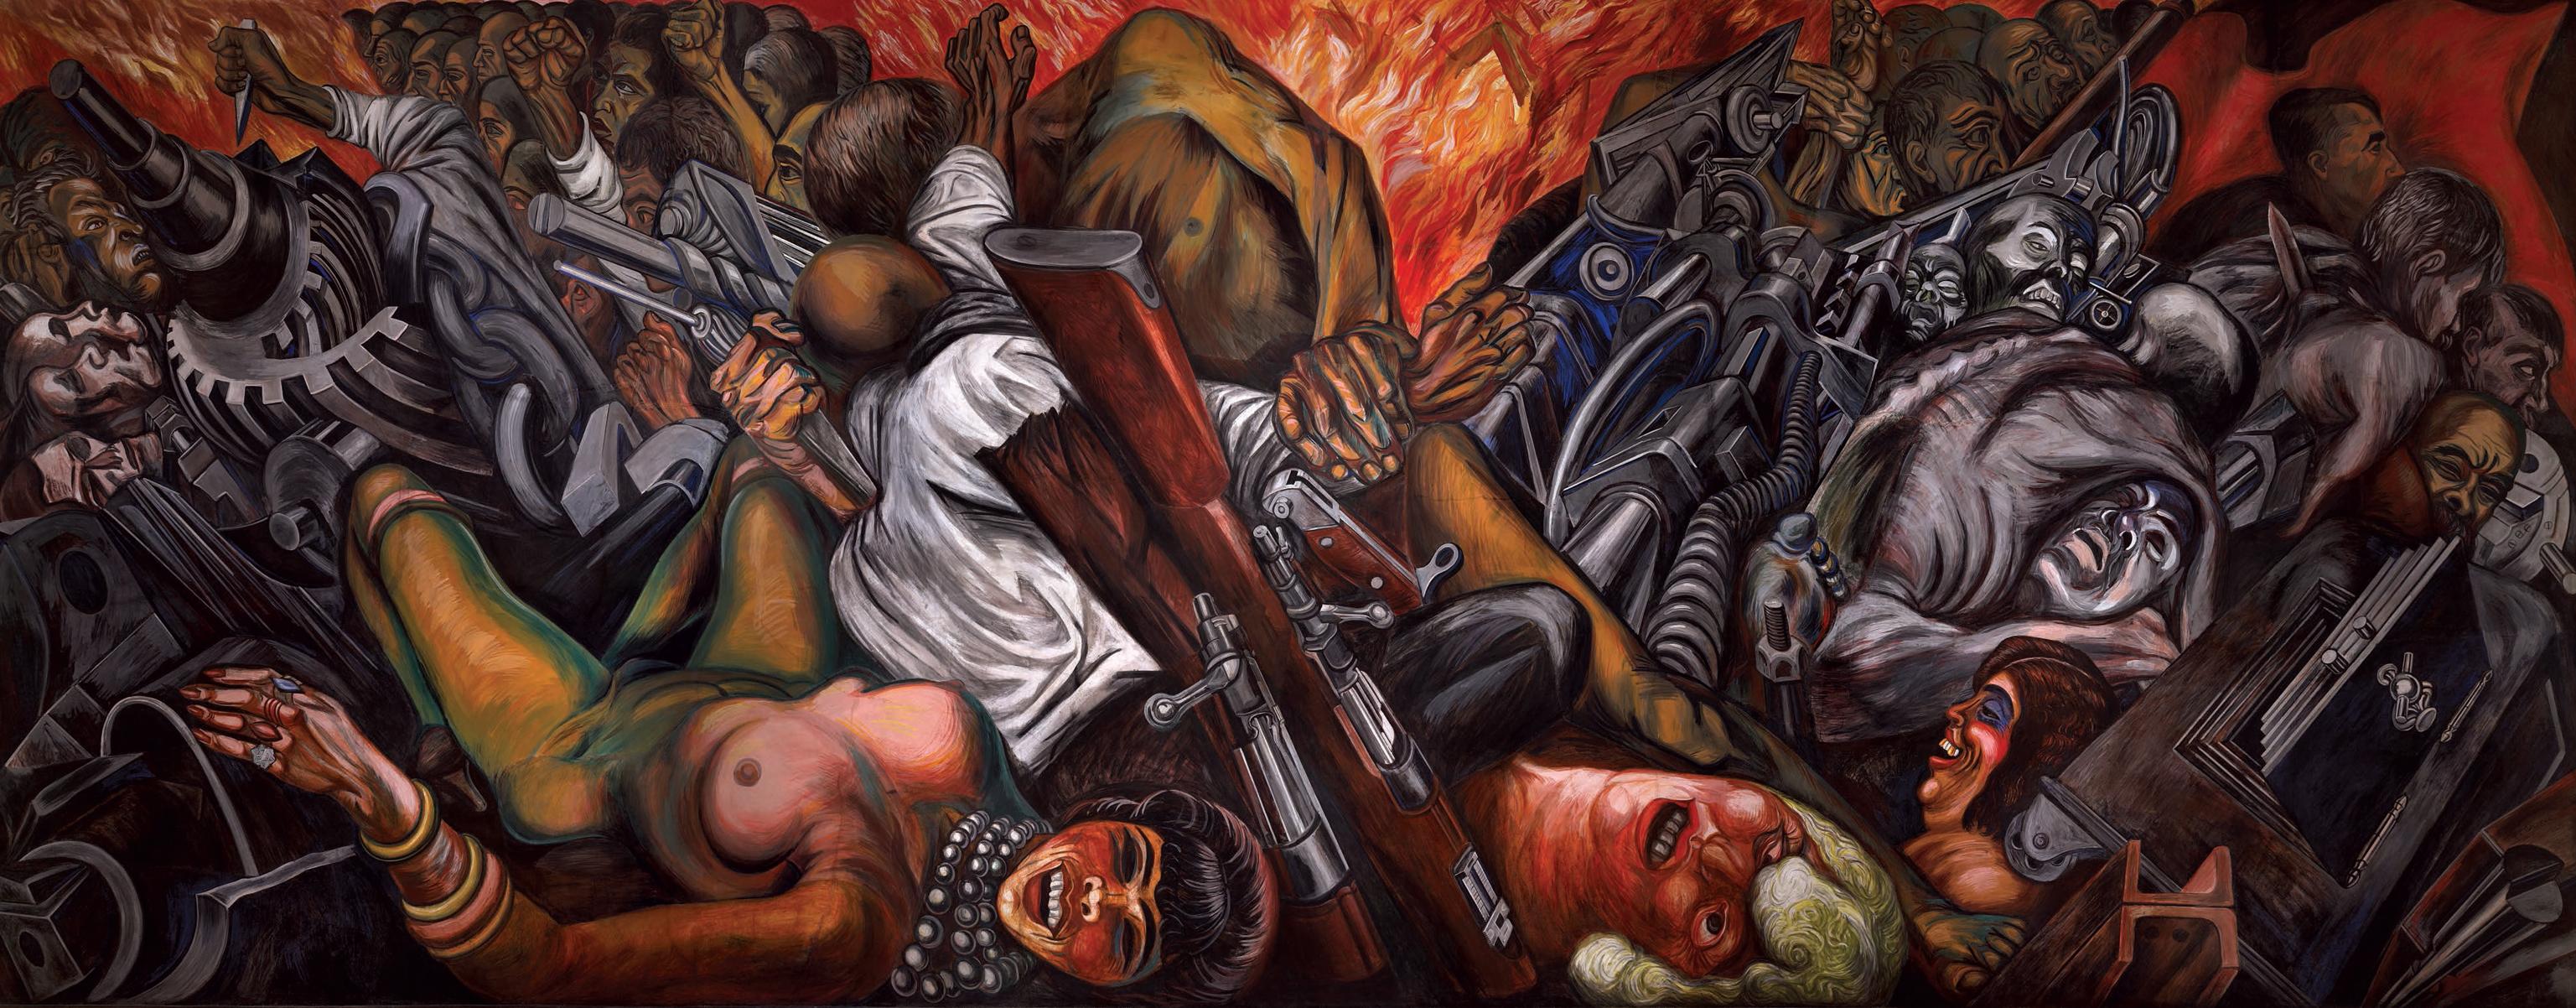 Fant sticas obras para remembrar a jos clemente orozco for El hombre de fuego mural de jose clemente orozco